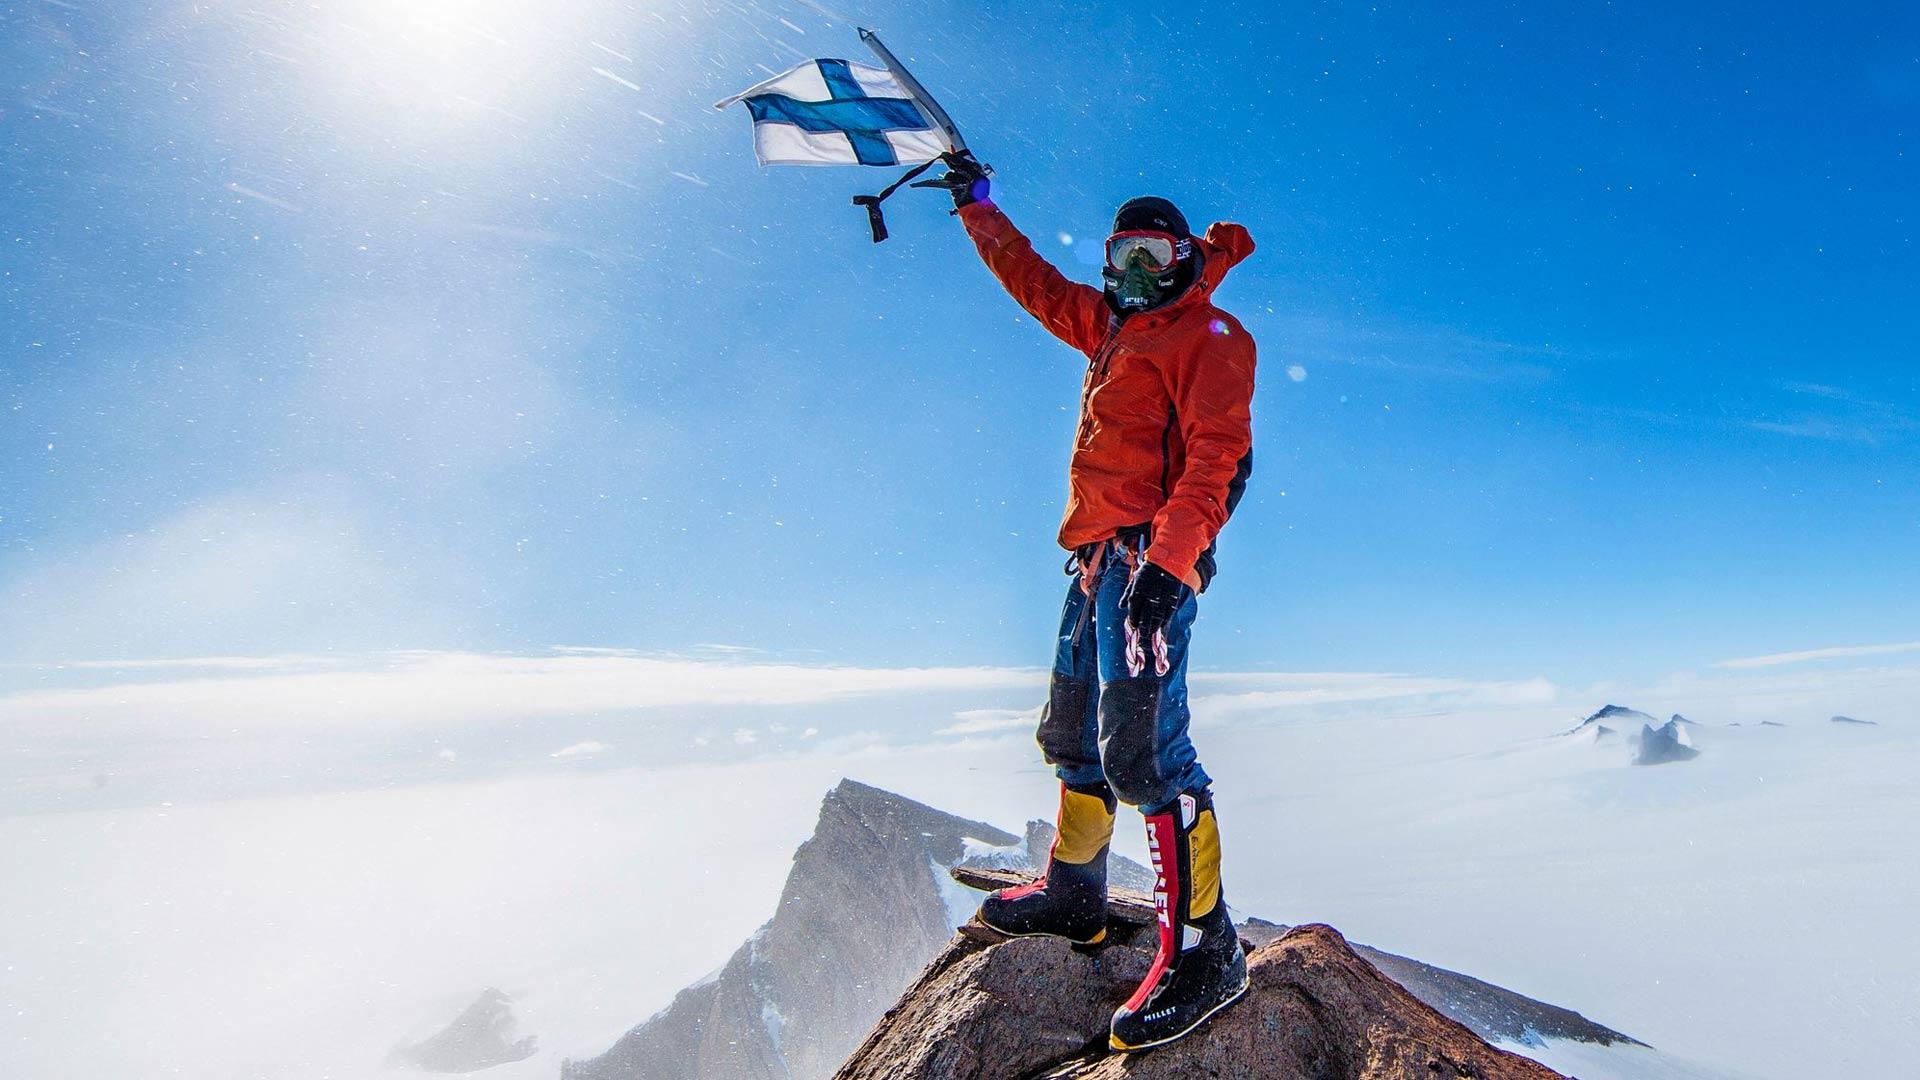 Pata Degerman on nimennyt valloittamiaan vuoria Suomen mukaan. Esimerkiksi Etelämantereella on Veikka Gustafssonin kanssa vallatut Mount Sisu ja Mount Finland, joille he tekivät yhdessä ensinousut.